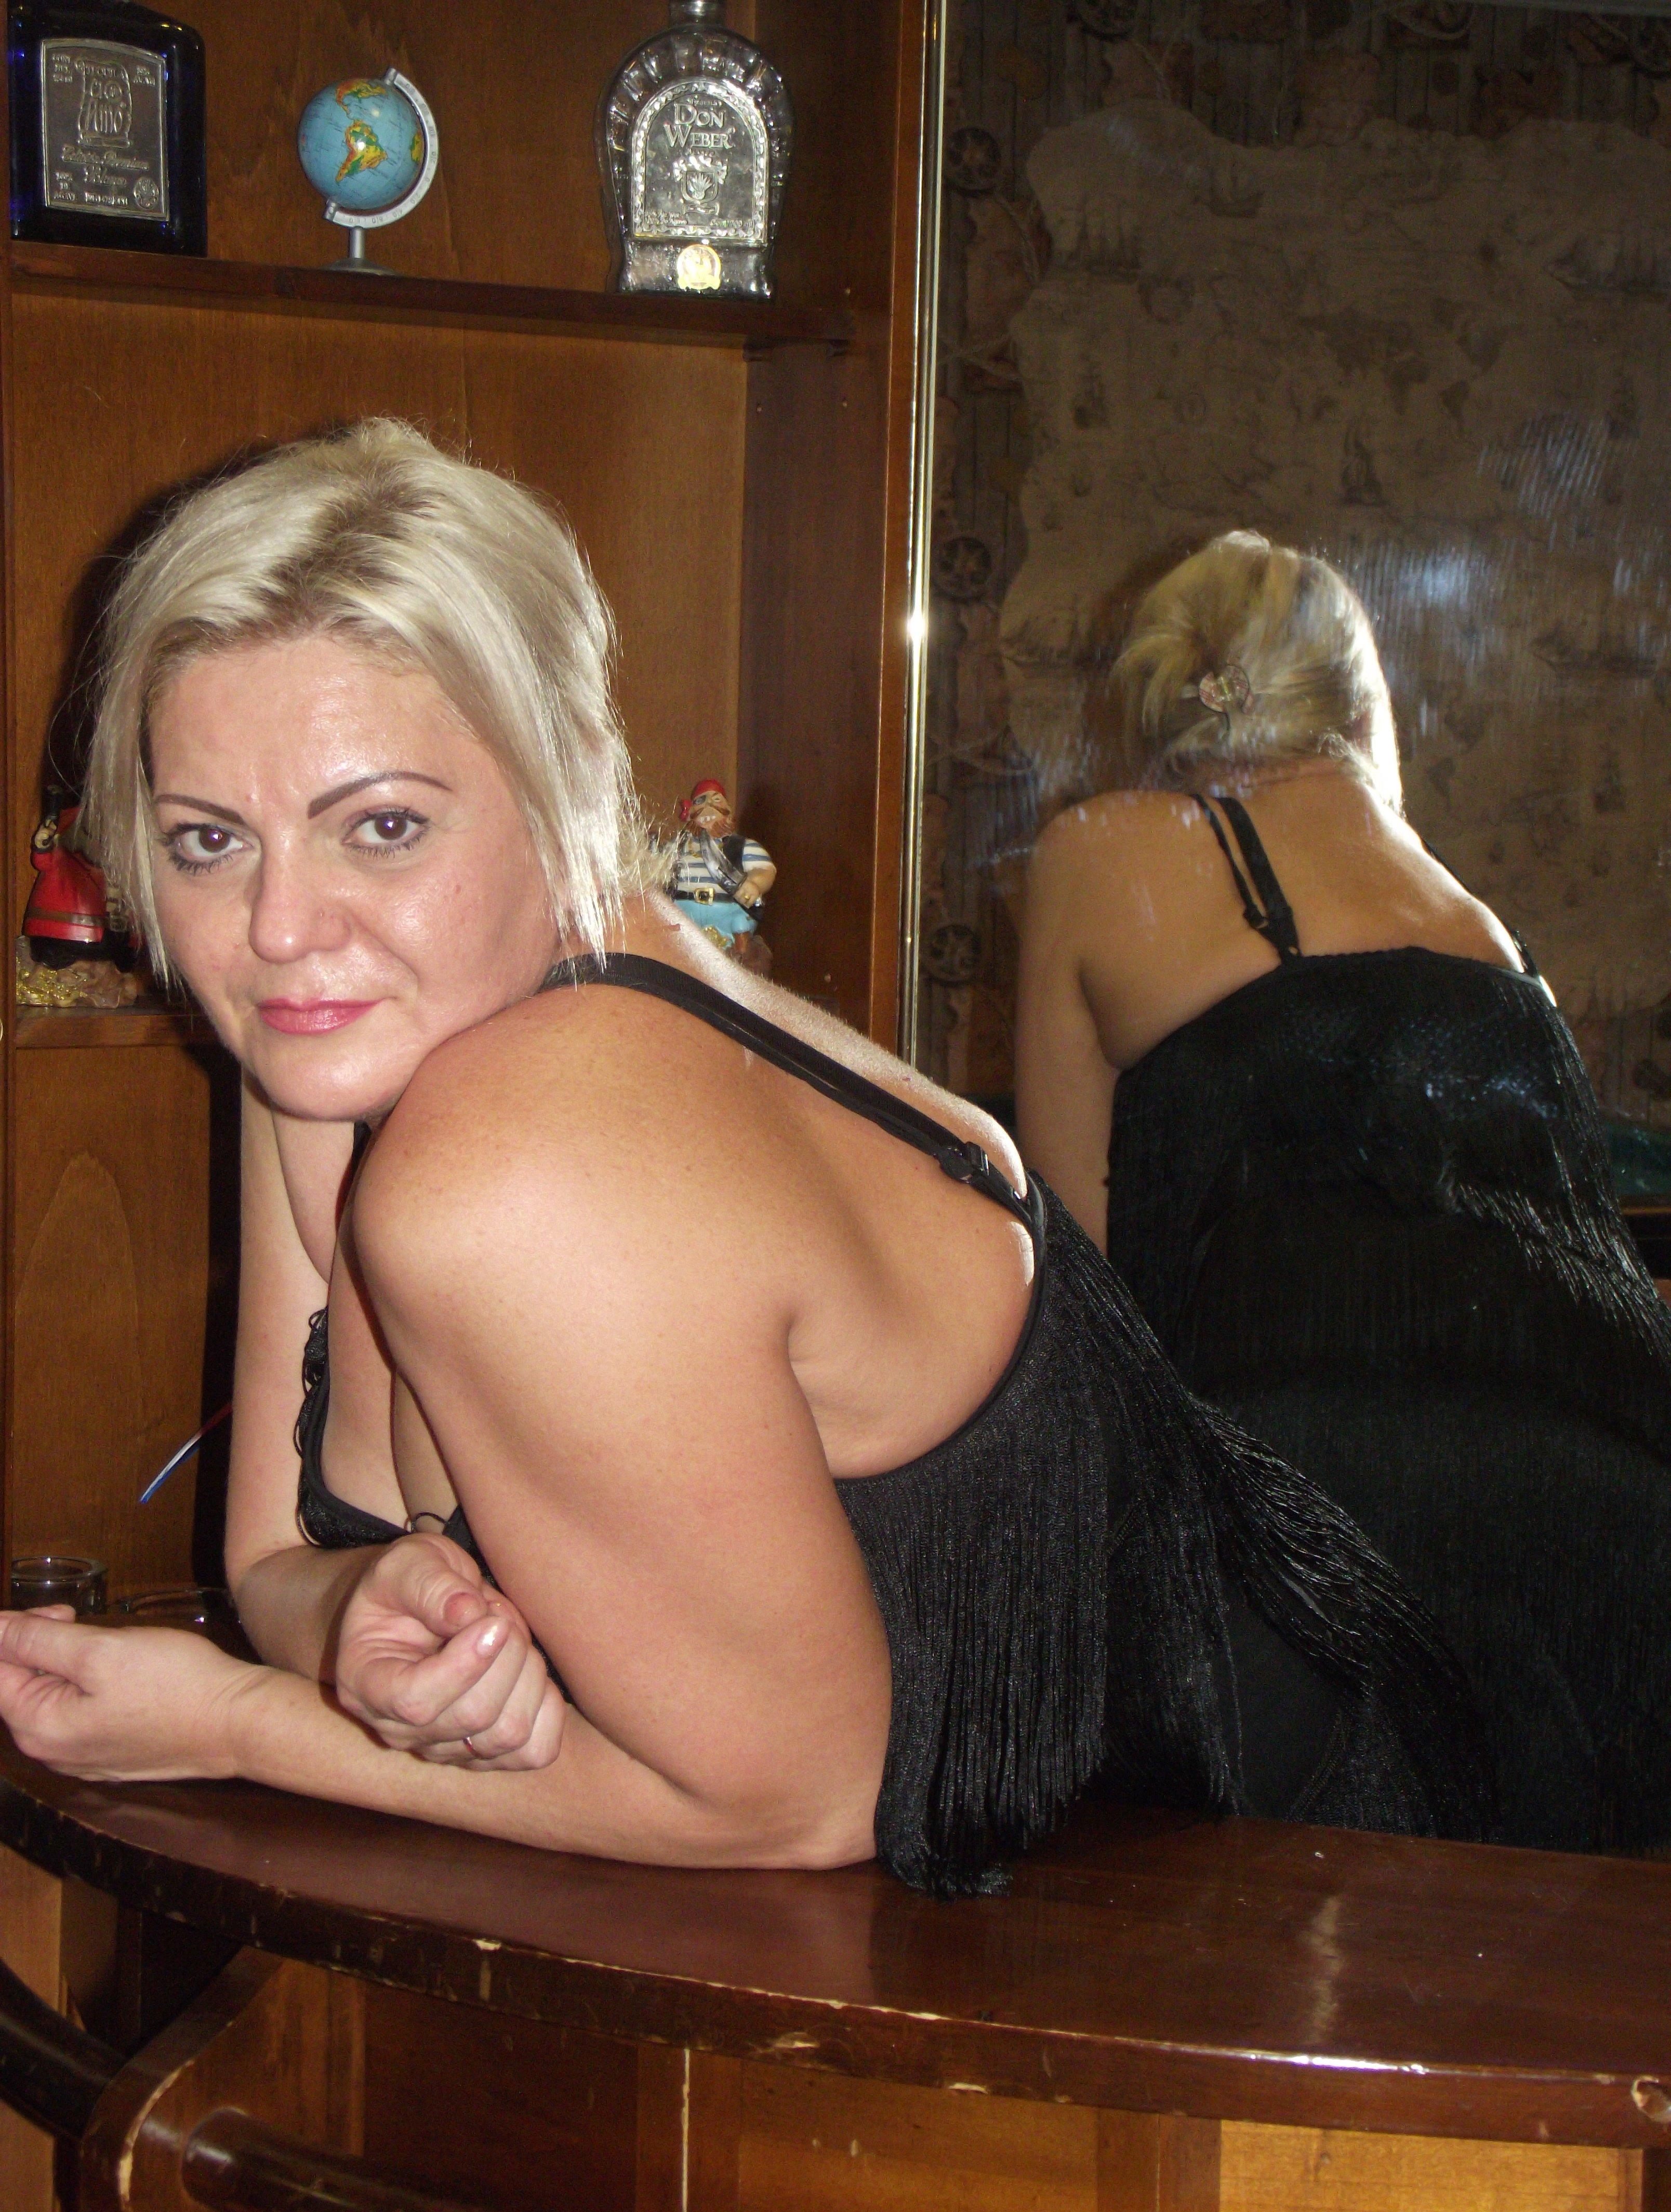 Бляди г коломна, порно молодая длинноволосая красавица на знаменитом порно кастинге